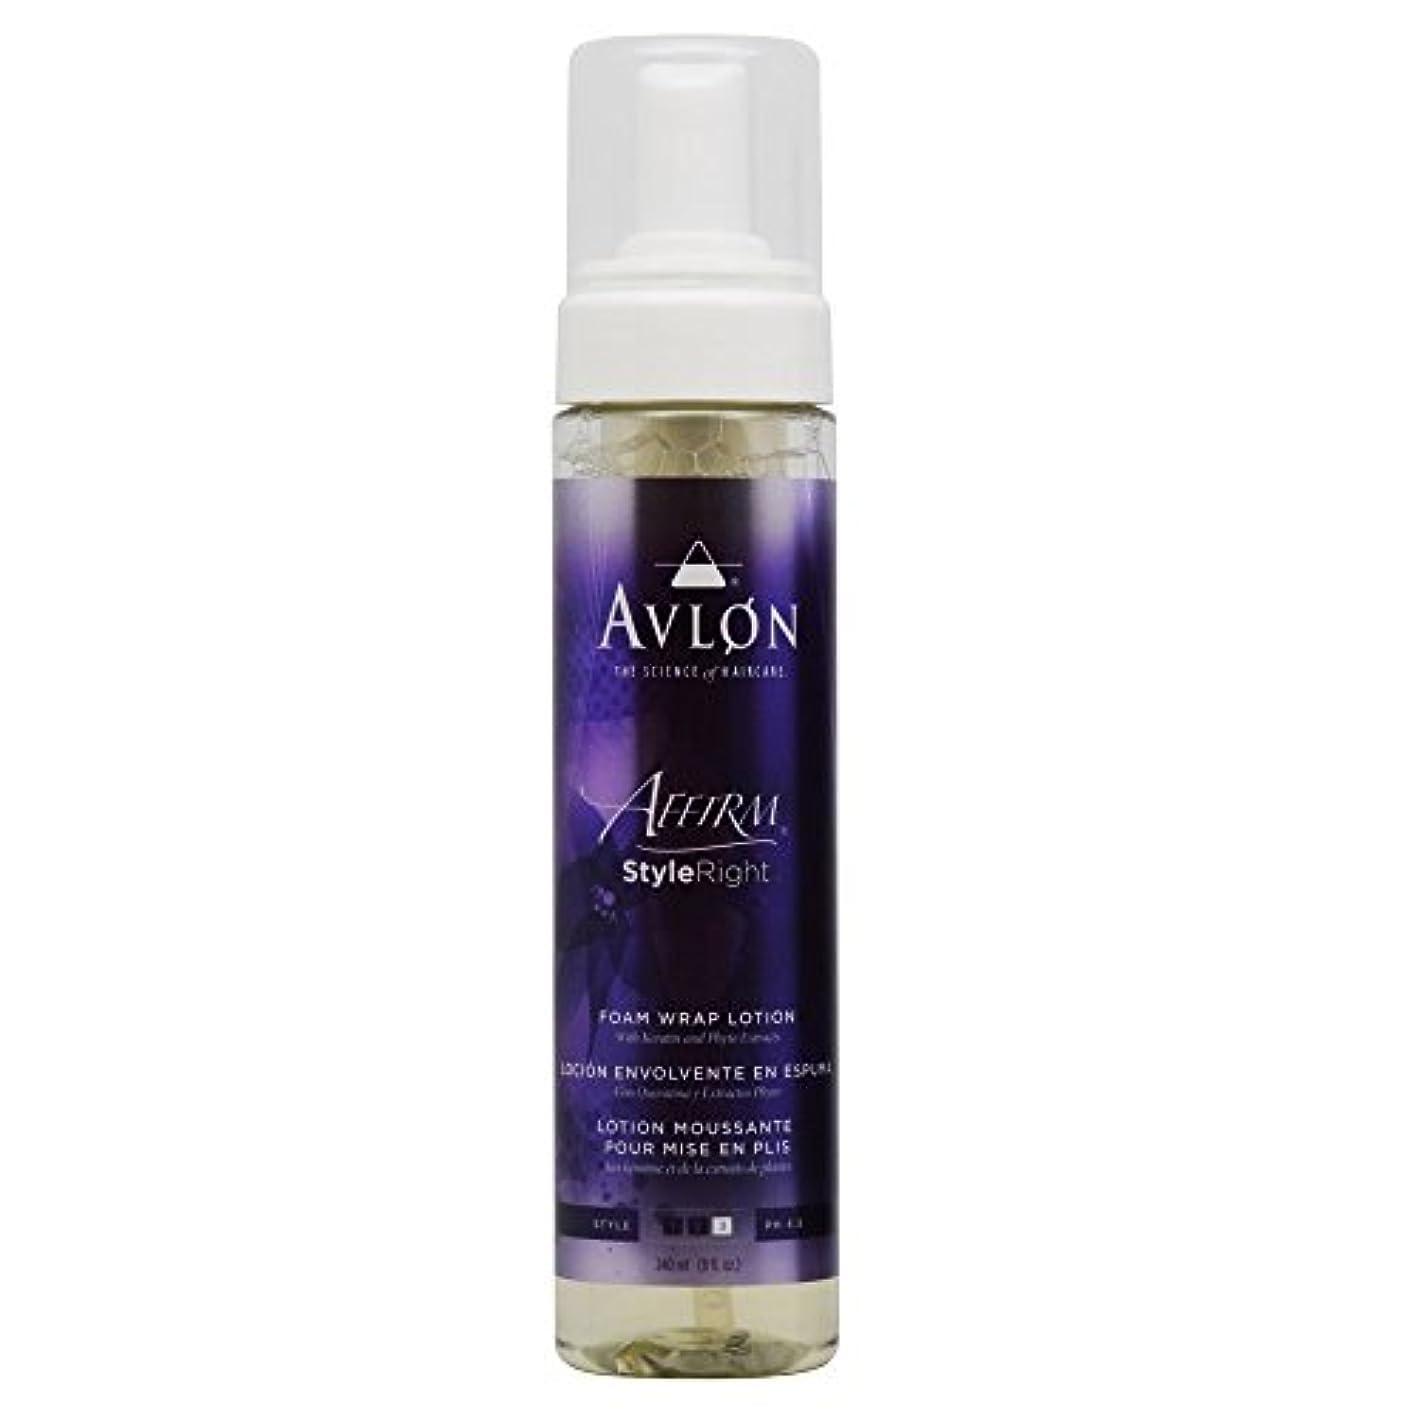 ポジションメイン早熟Avlon Hair Care アバロンアファームStyleRight泡ラップ8オンスのローション